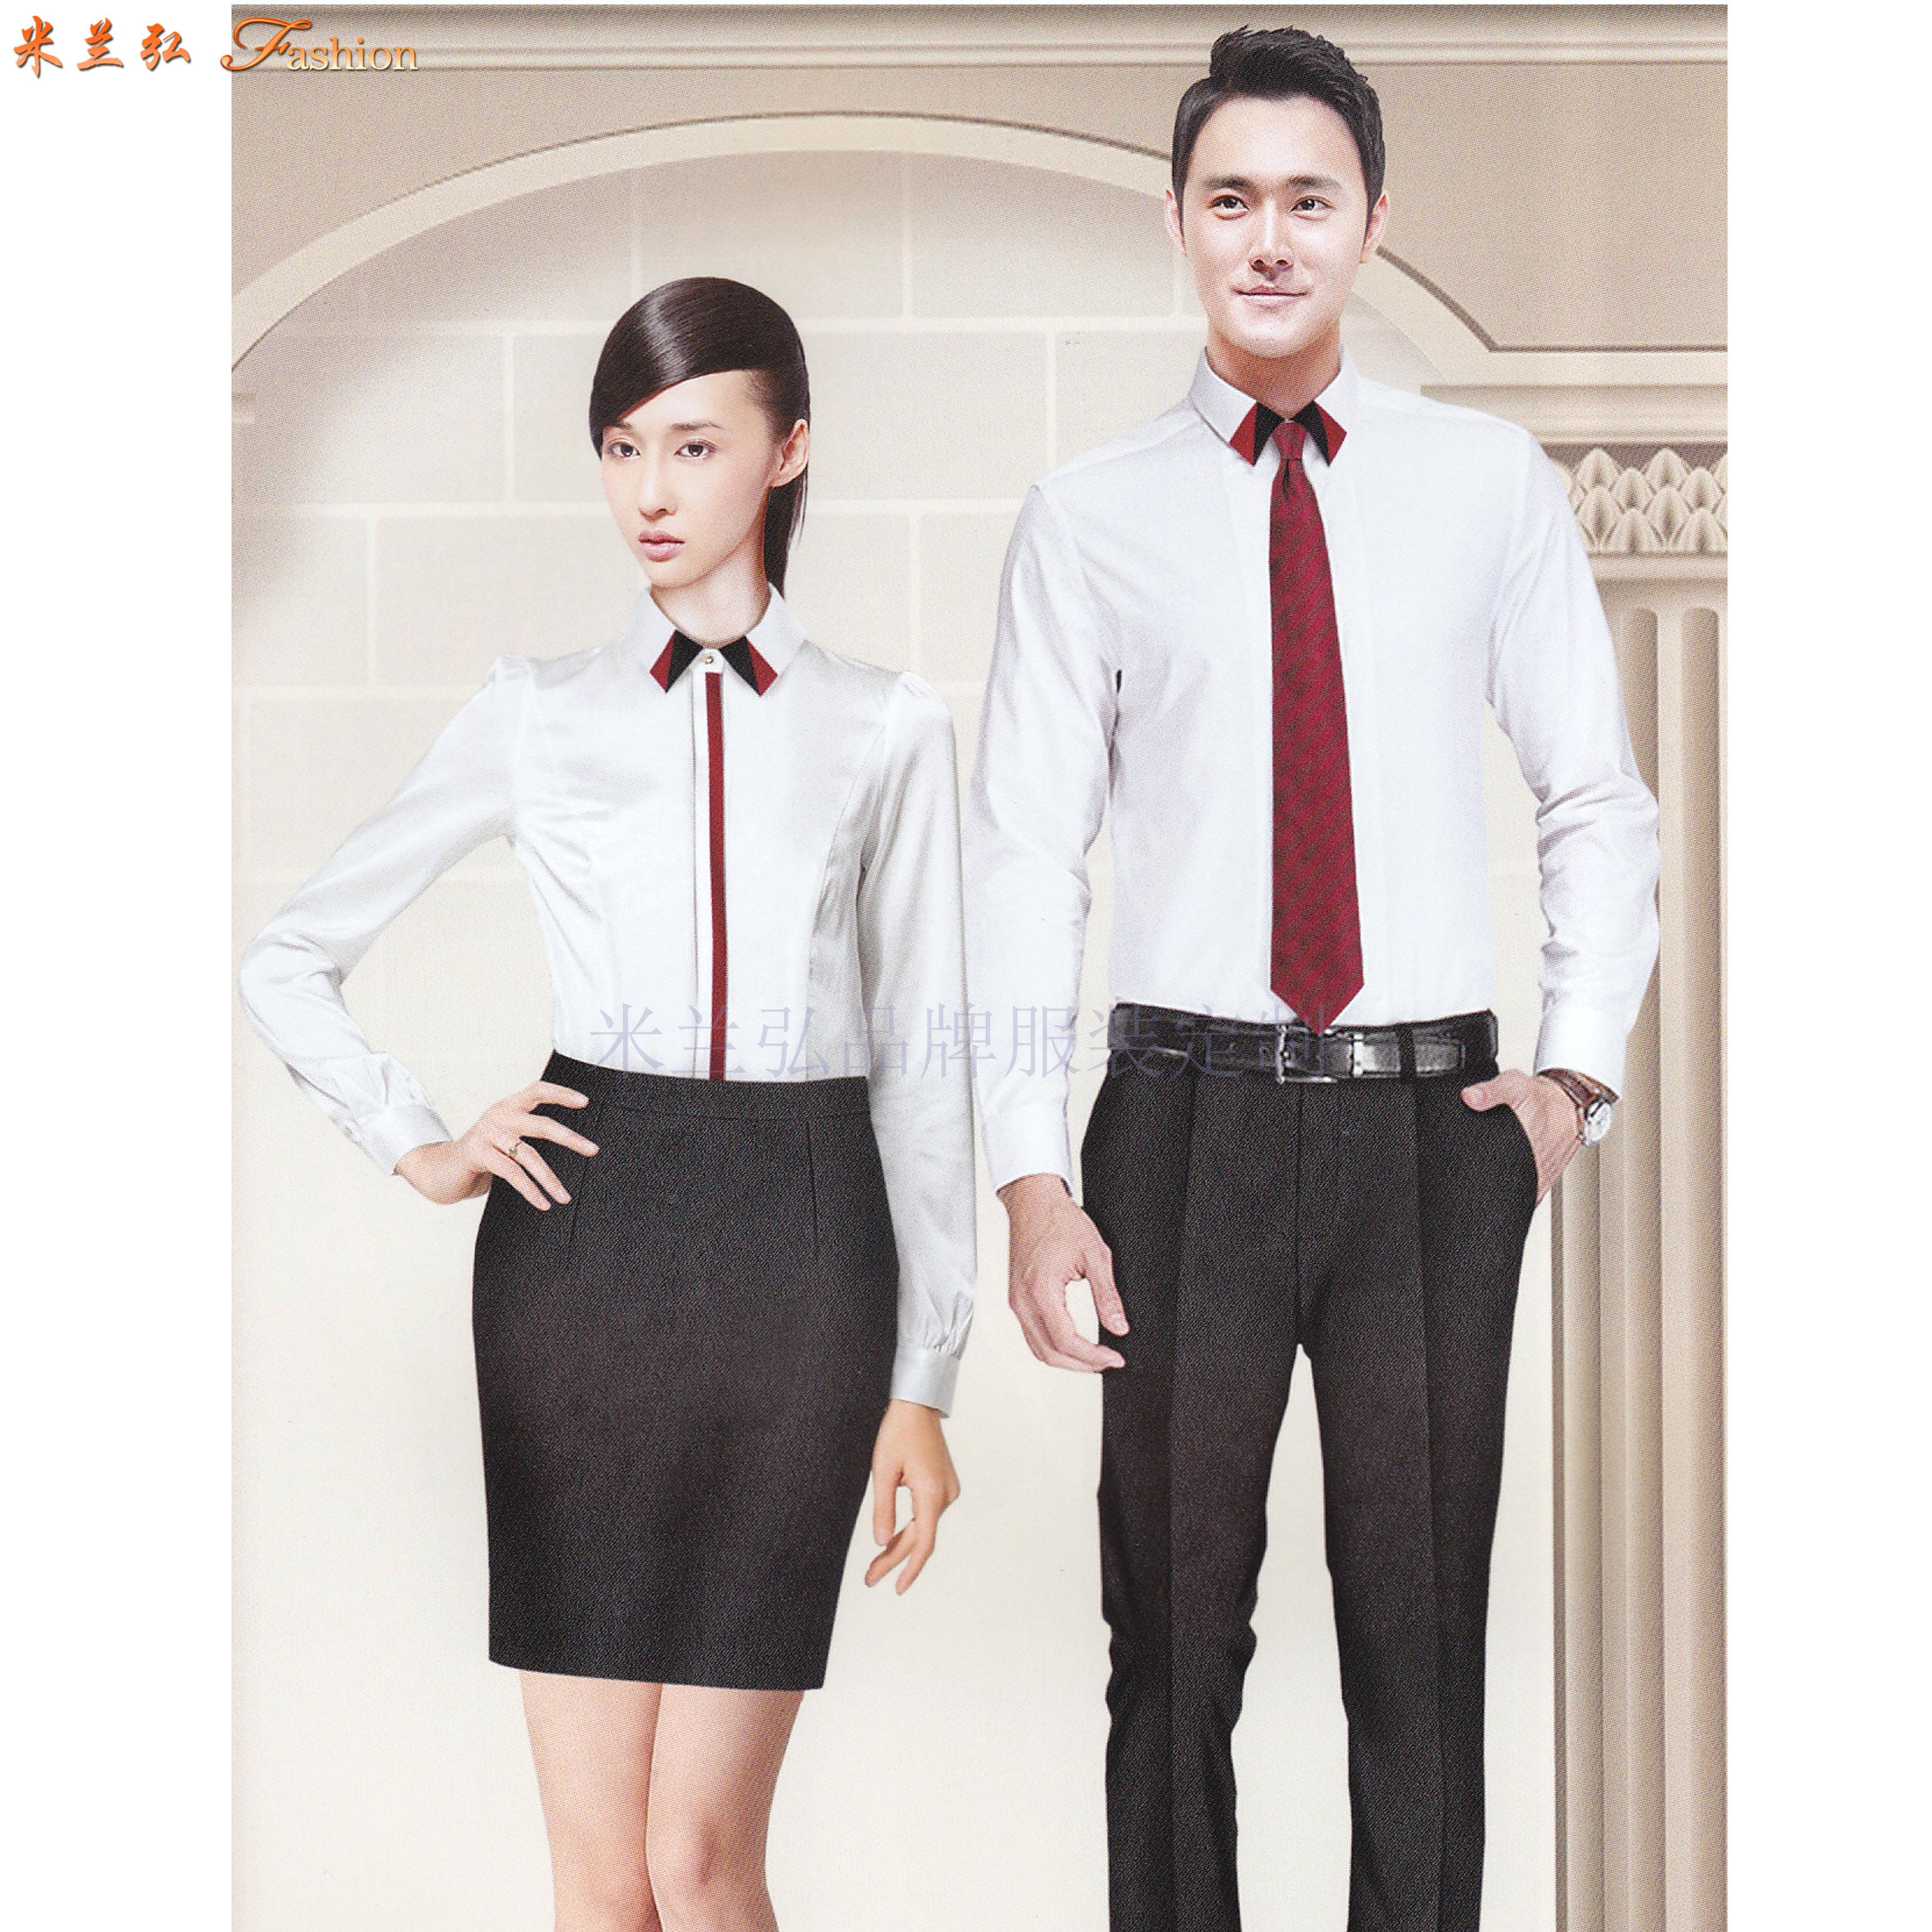 「高級襯衫定制」「私人襯衫定做」品牌襯衫訂制廠家-米蘭弘-3